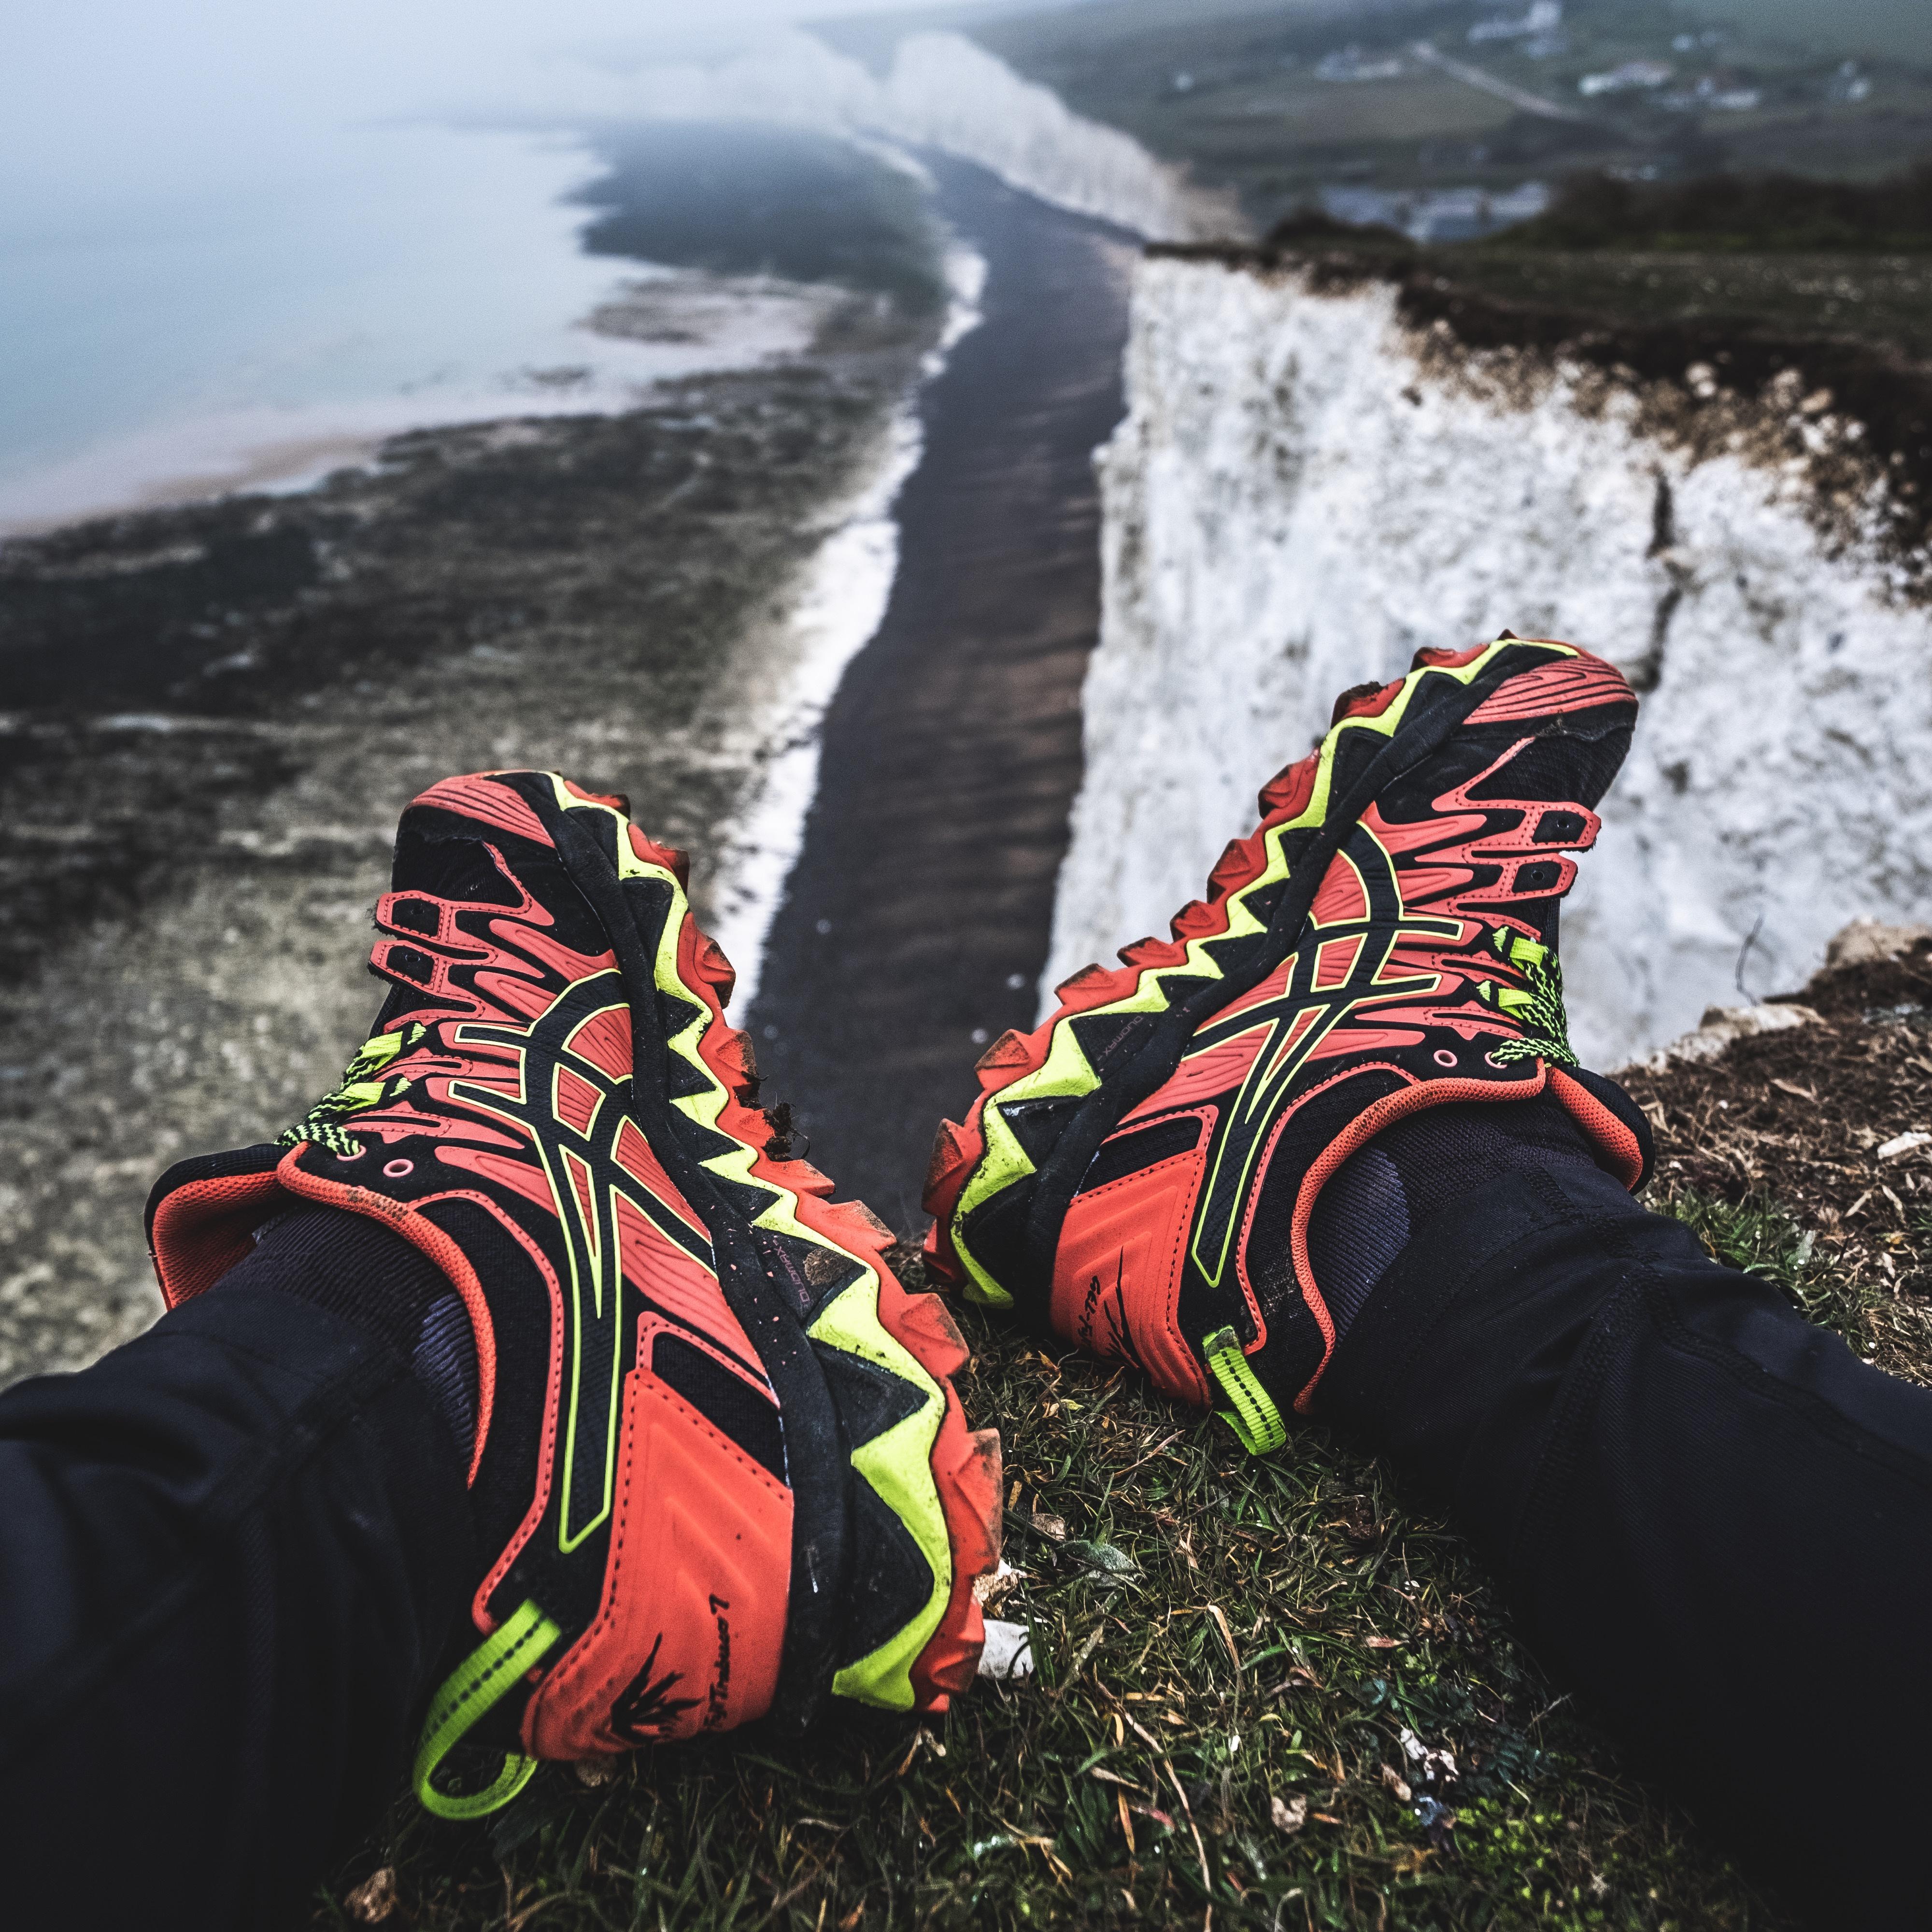 Shoe review: ASICS GEL FujiTrabuco 7 by ASICS FrontRunner